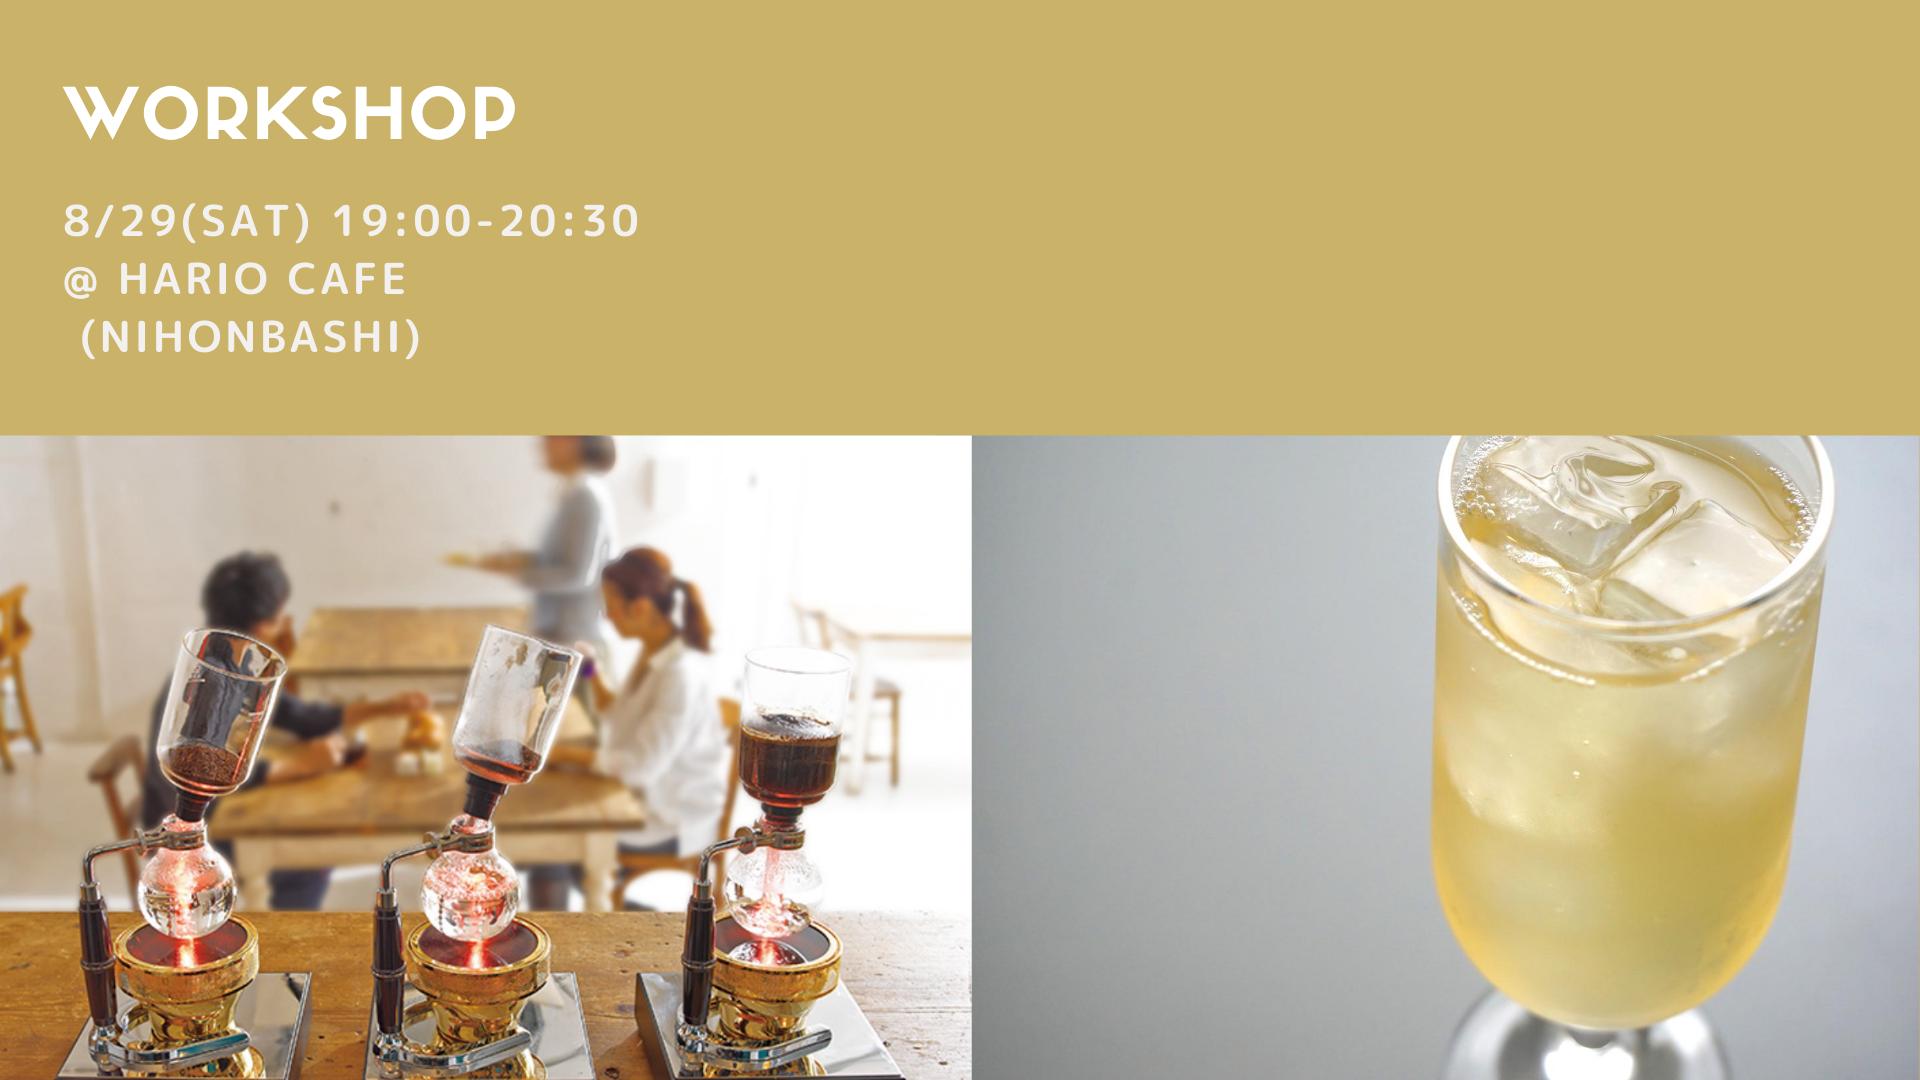 【満席御礼- 8/29開催】ワークショップ・香りを楽しむお茶の時間 @ HARIO CAFE